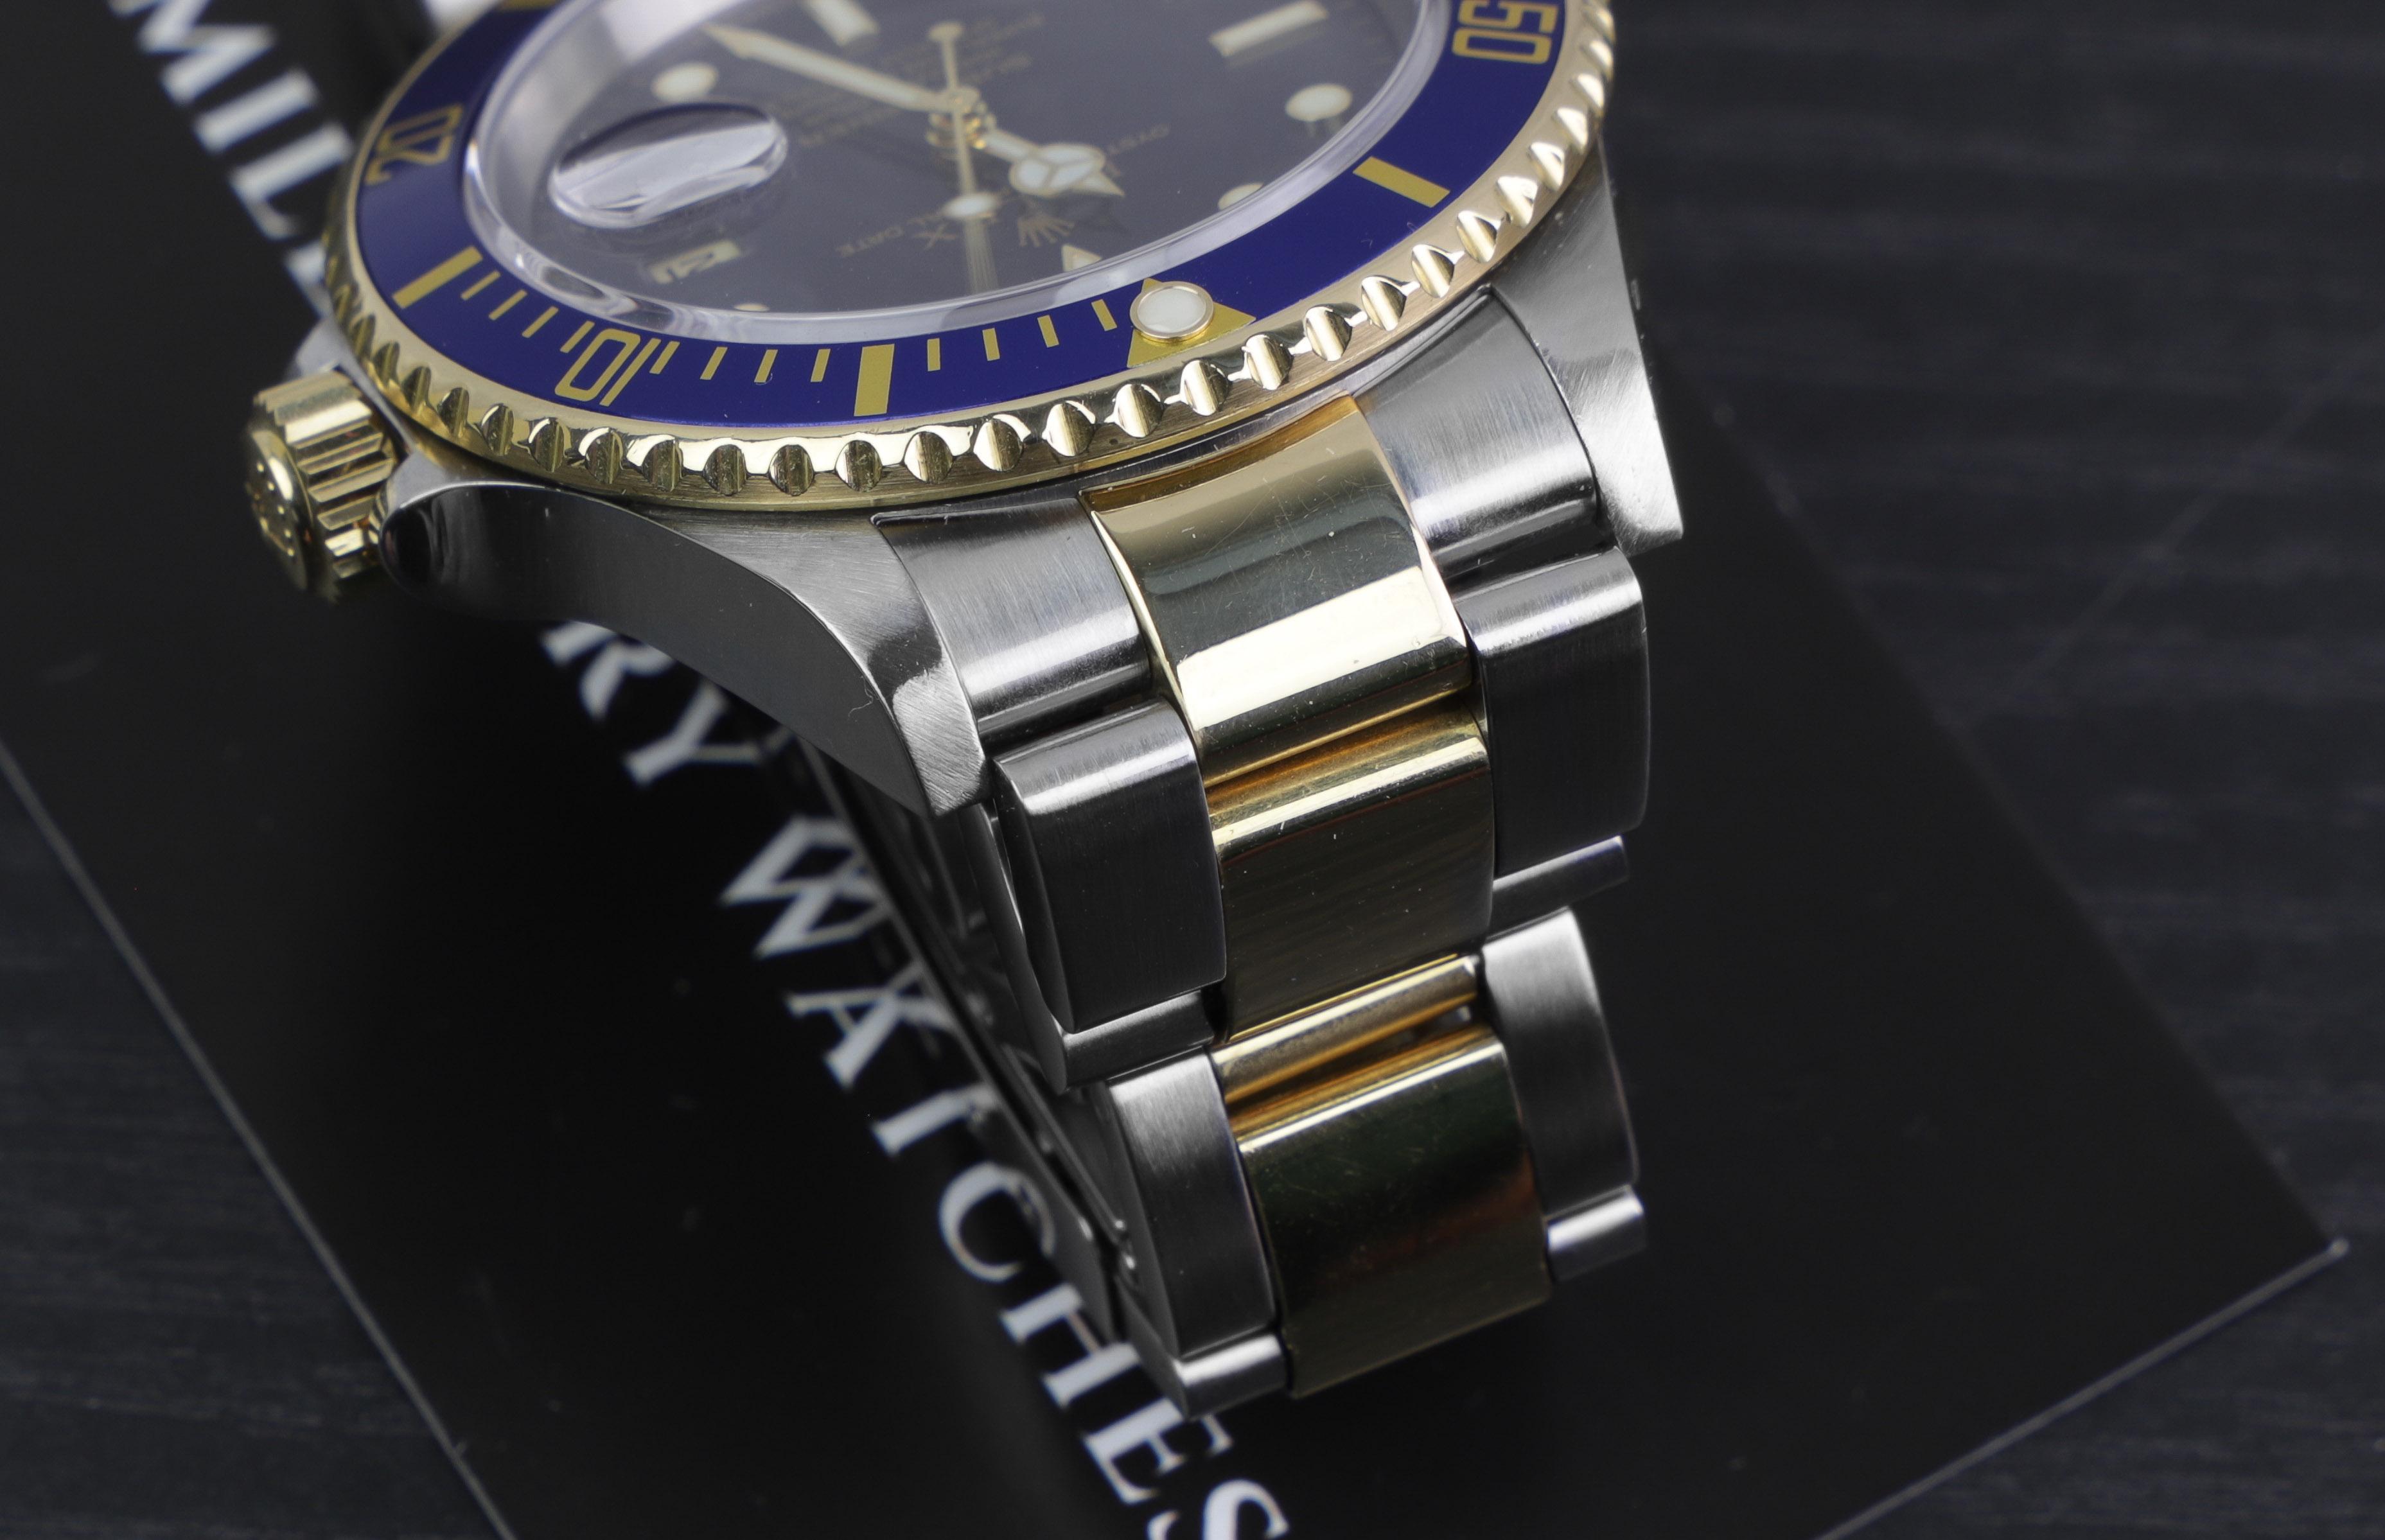 Rolex Submariner 16613 VS Submariner 16610